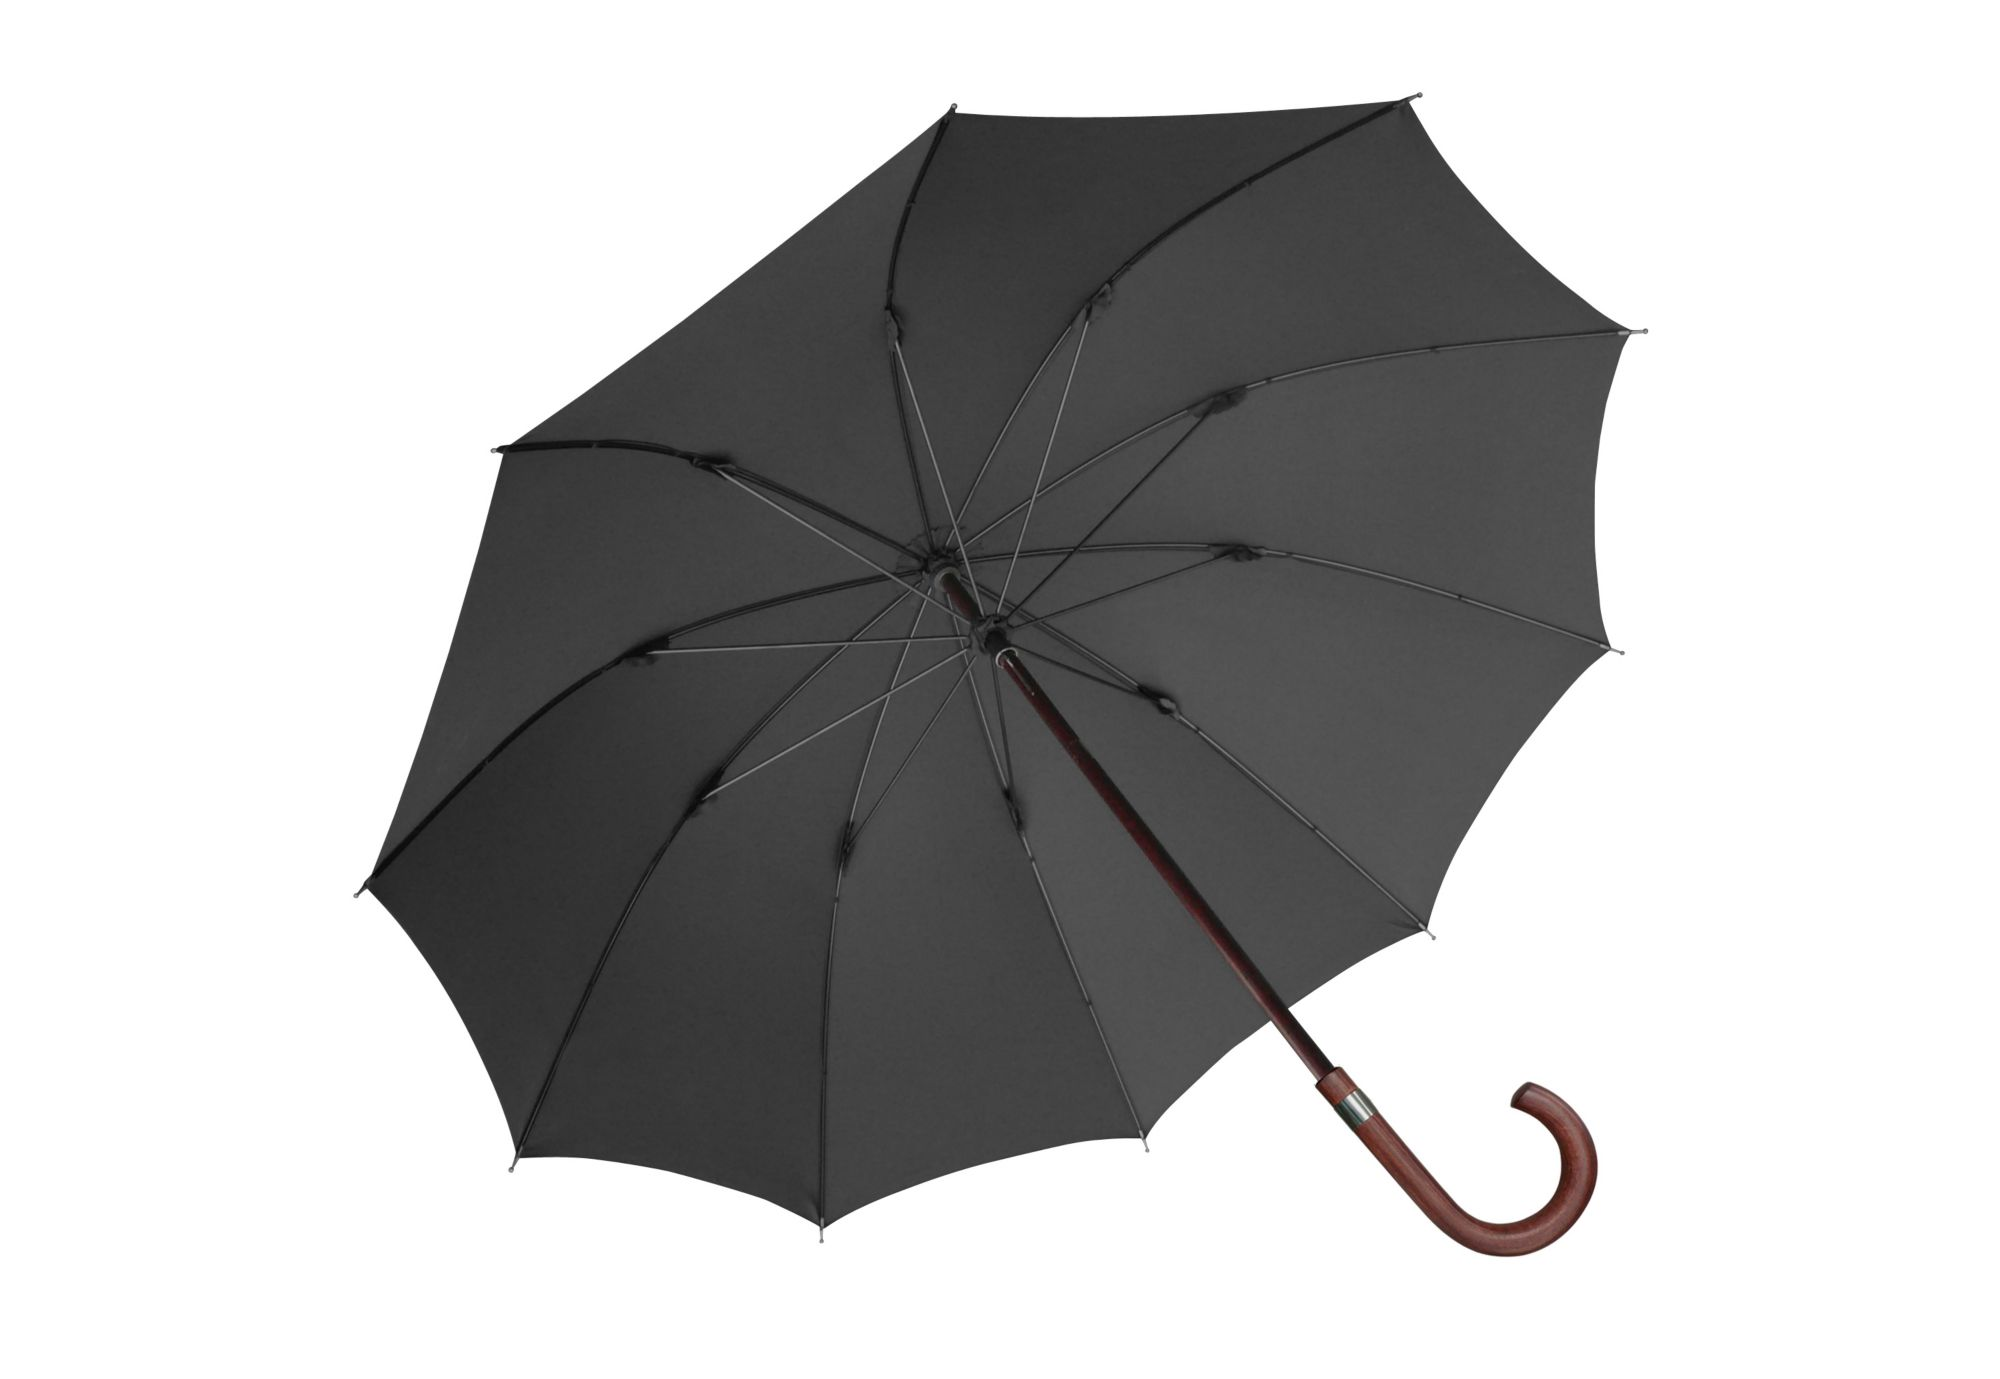 EUROSCHIRM® Euroschirm® Regenschirm für Herren, »Herren-Stockschirm«